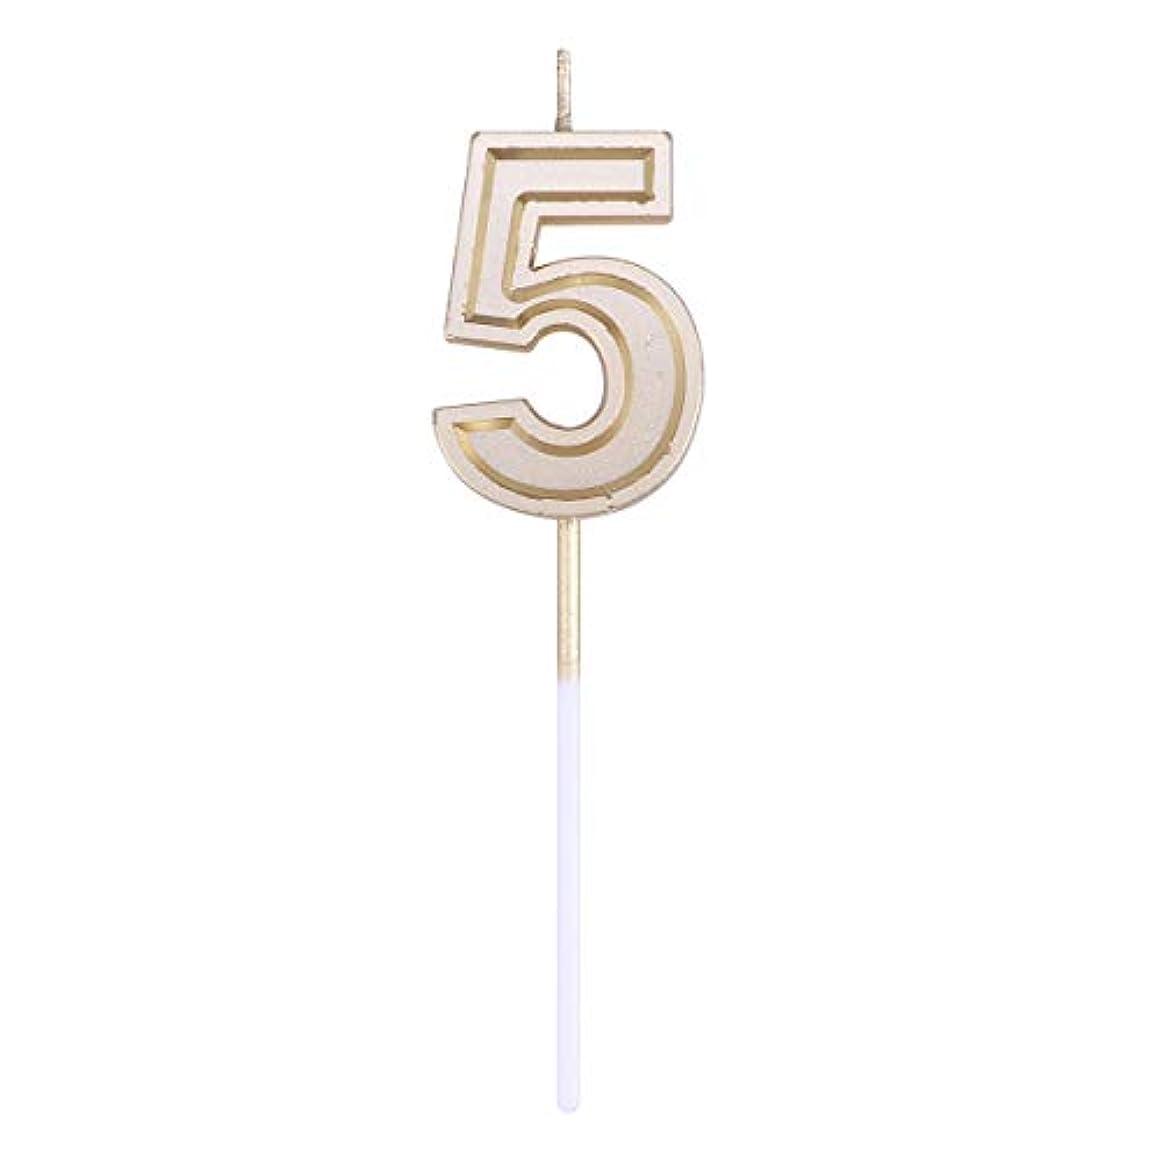 コンドーム追い越す矢印Toyvian ゴールドラメ誕生日おめでとう数字キャンドル番号キャンドルケーキトッパー装飾用大人キッズパーティー(5)